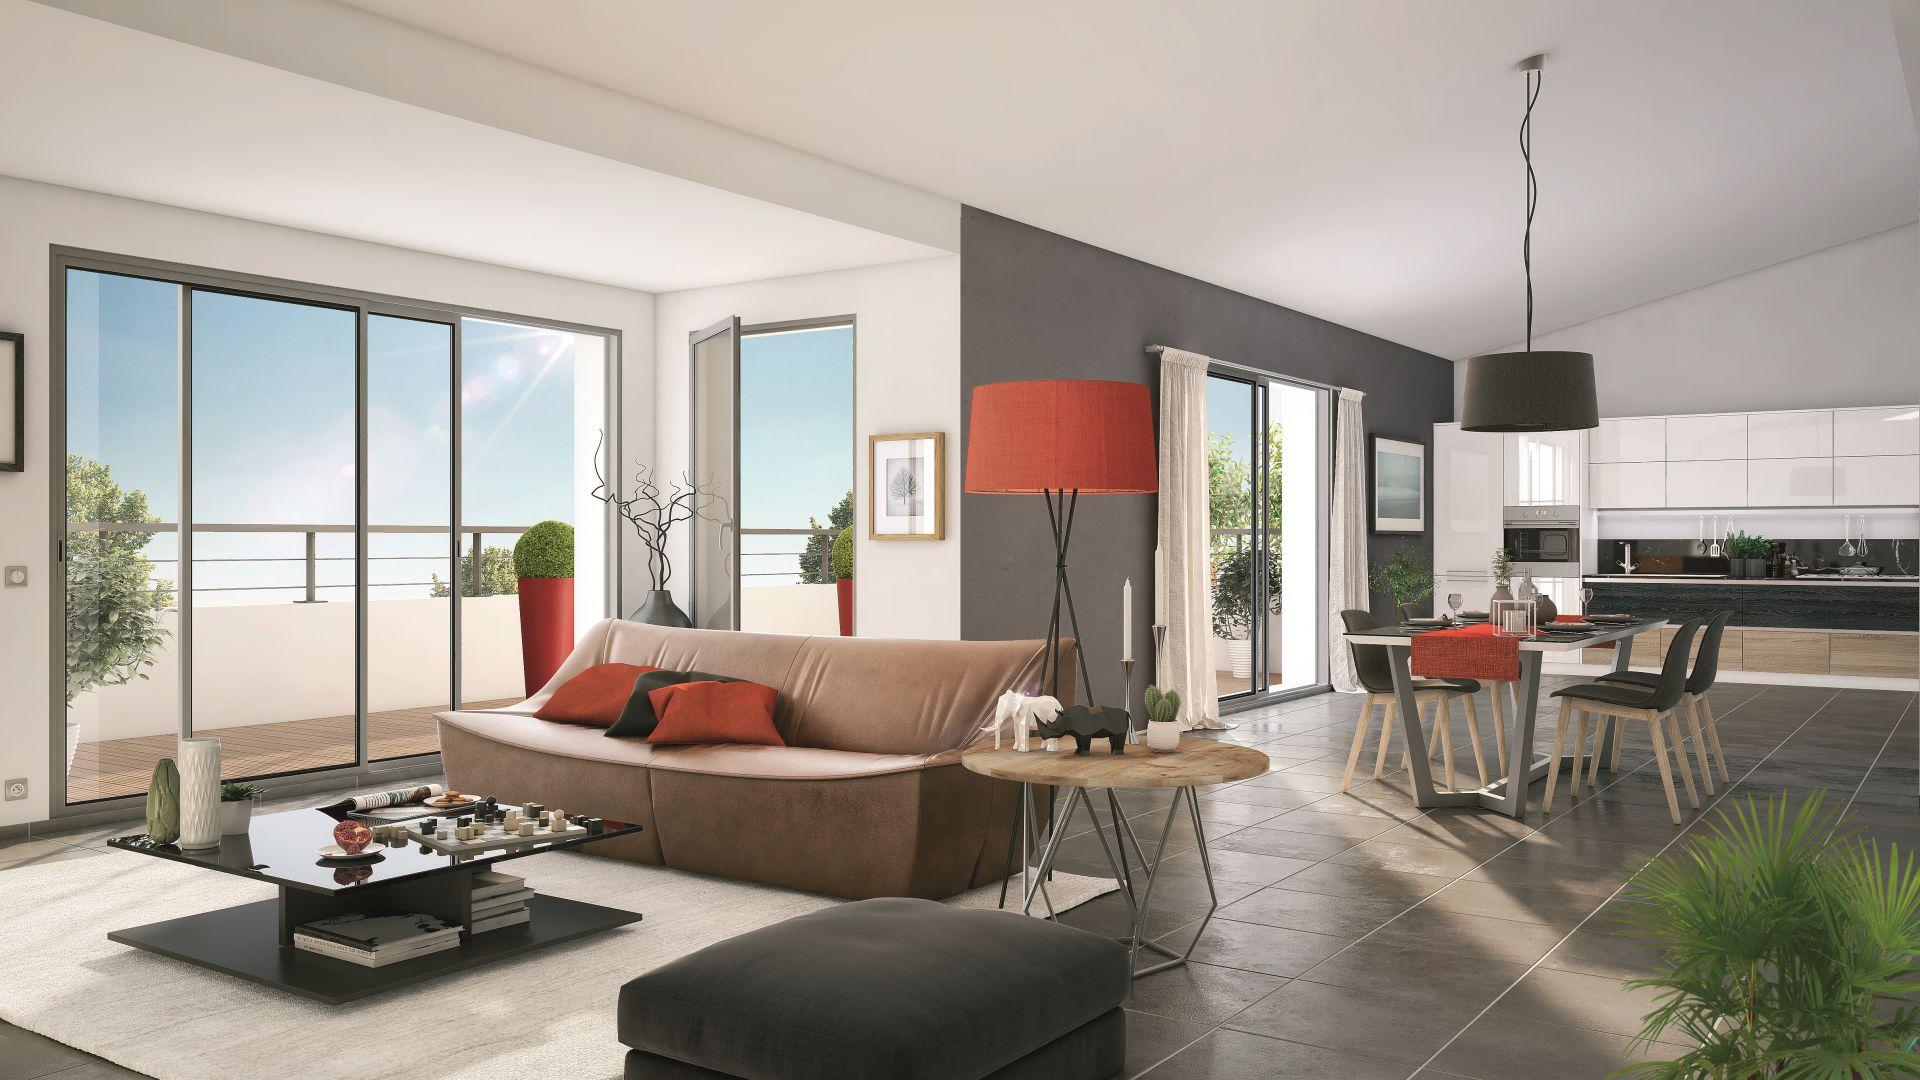 GreenCity Immobilier - Toulouse Brienne - Le Patio de Brienne - Intérieur